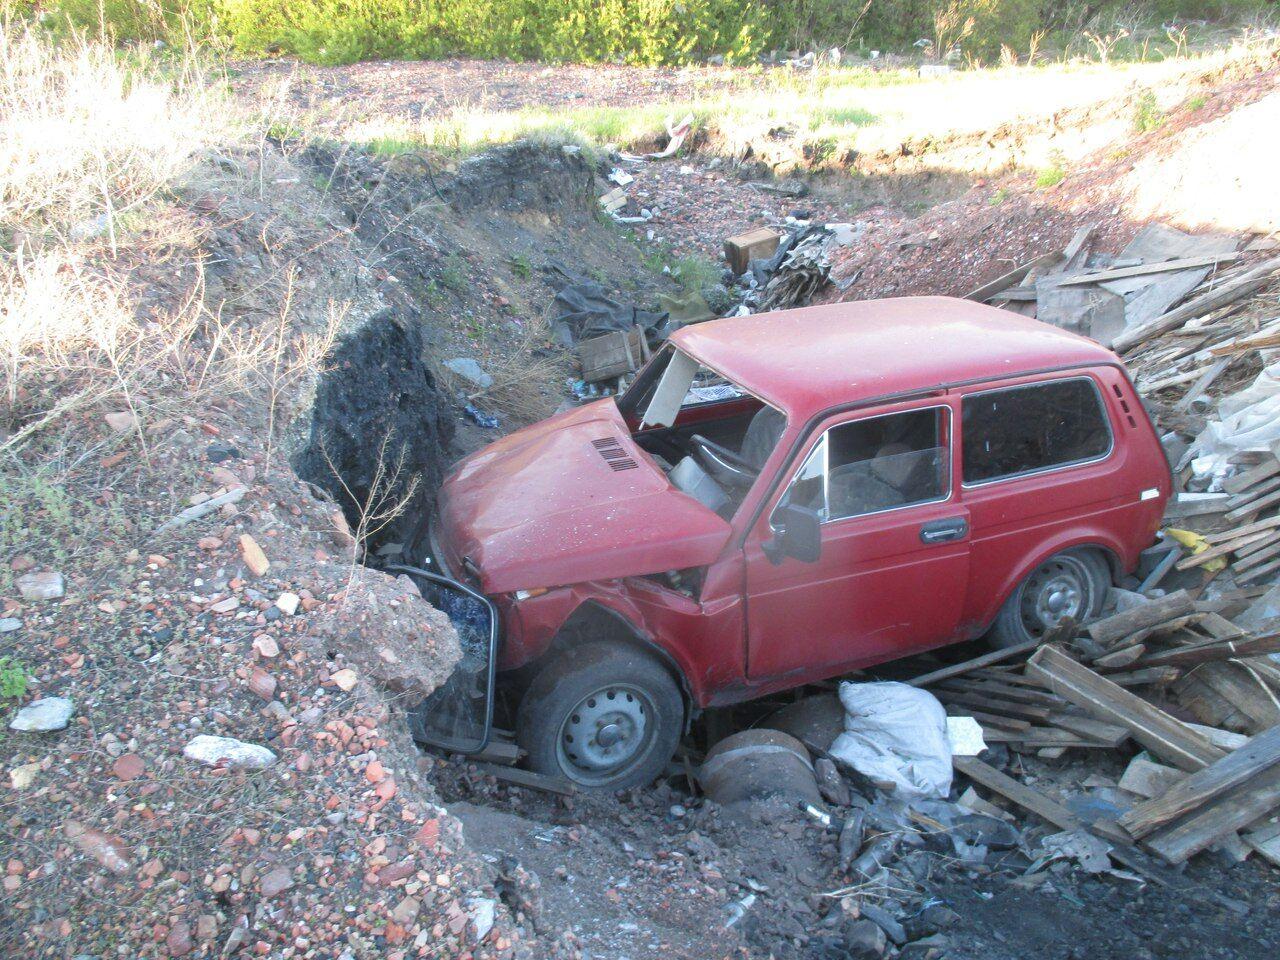 Двое детей пострадали в трагедии вКузбассе из-за нетрезвого водителя, лишенного прав